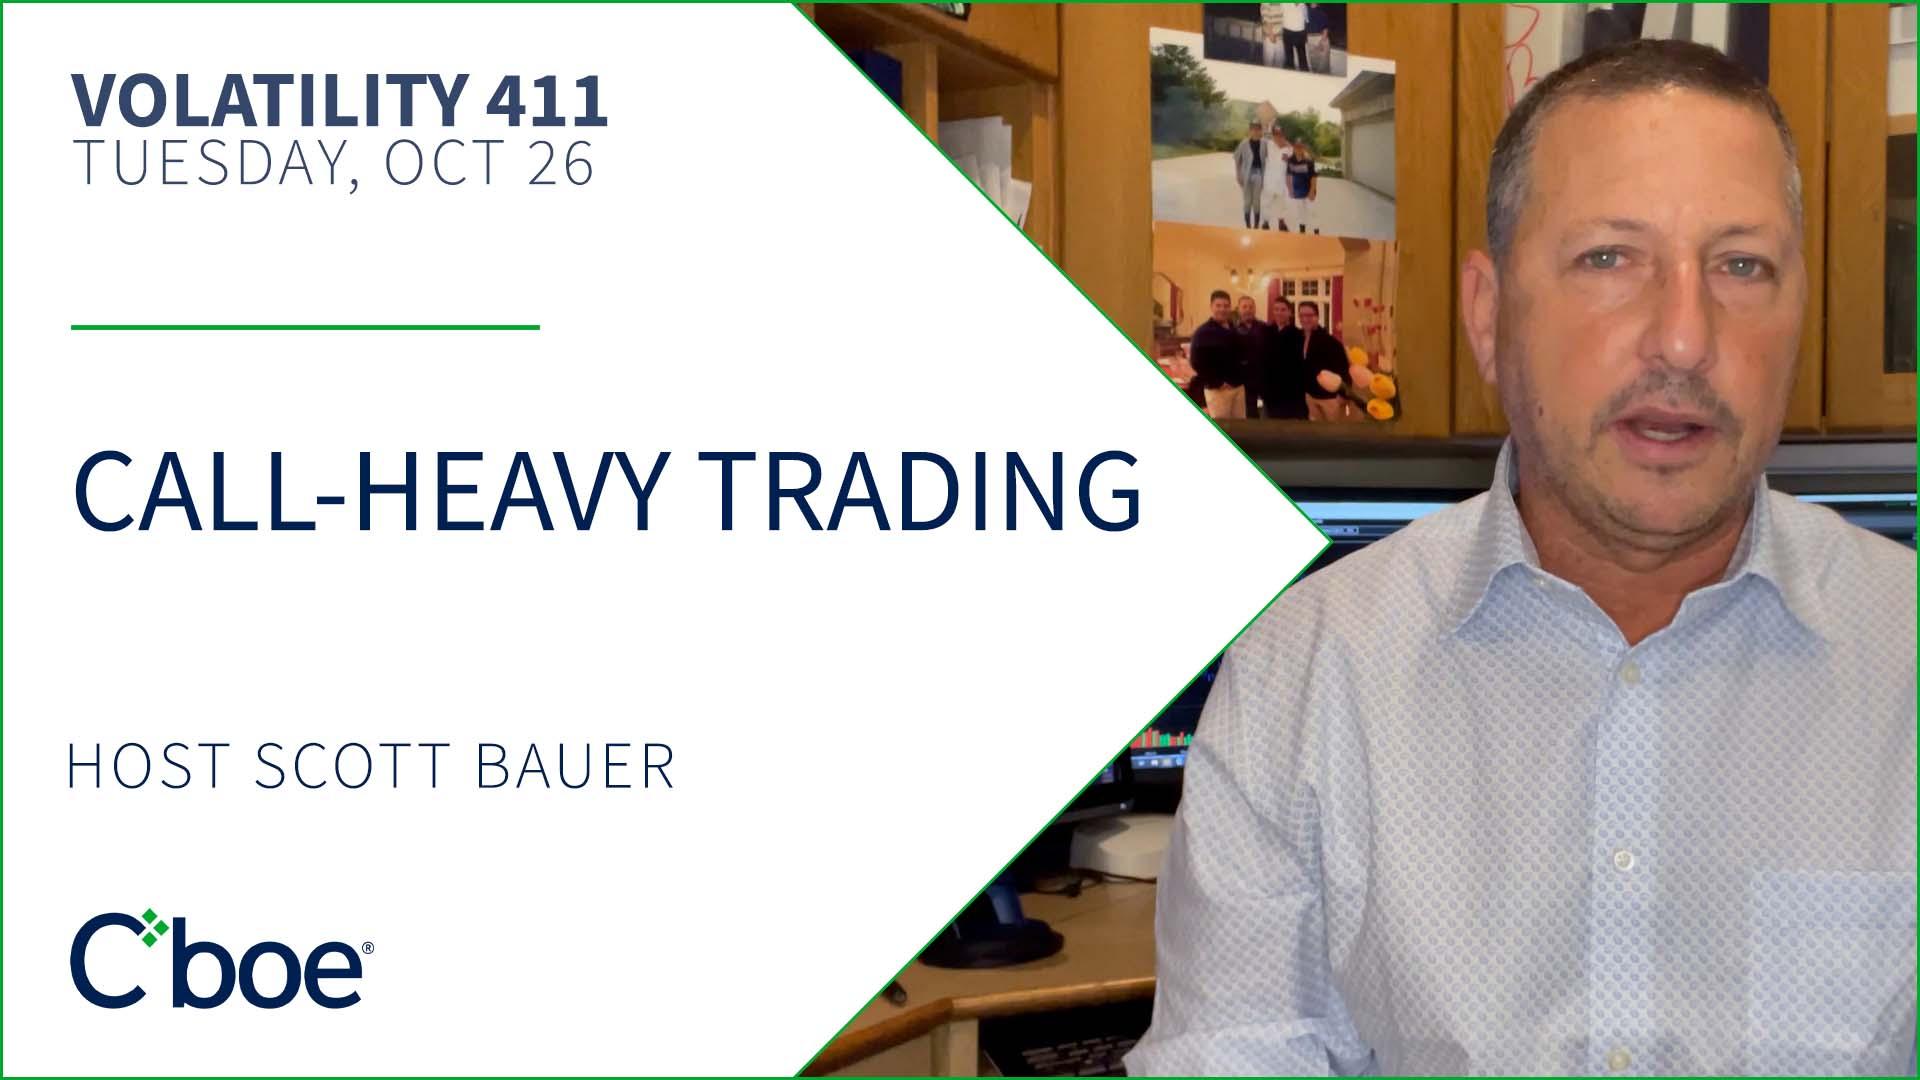 Call-Heavy Trading Thumbnail